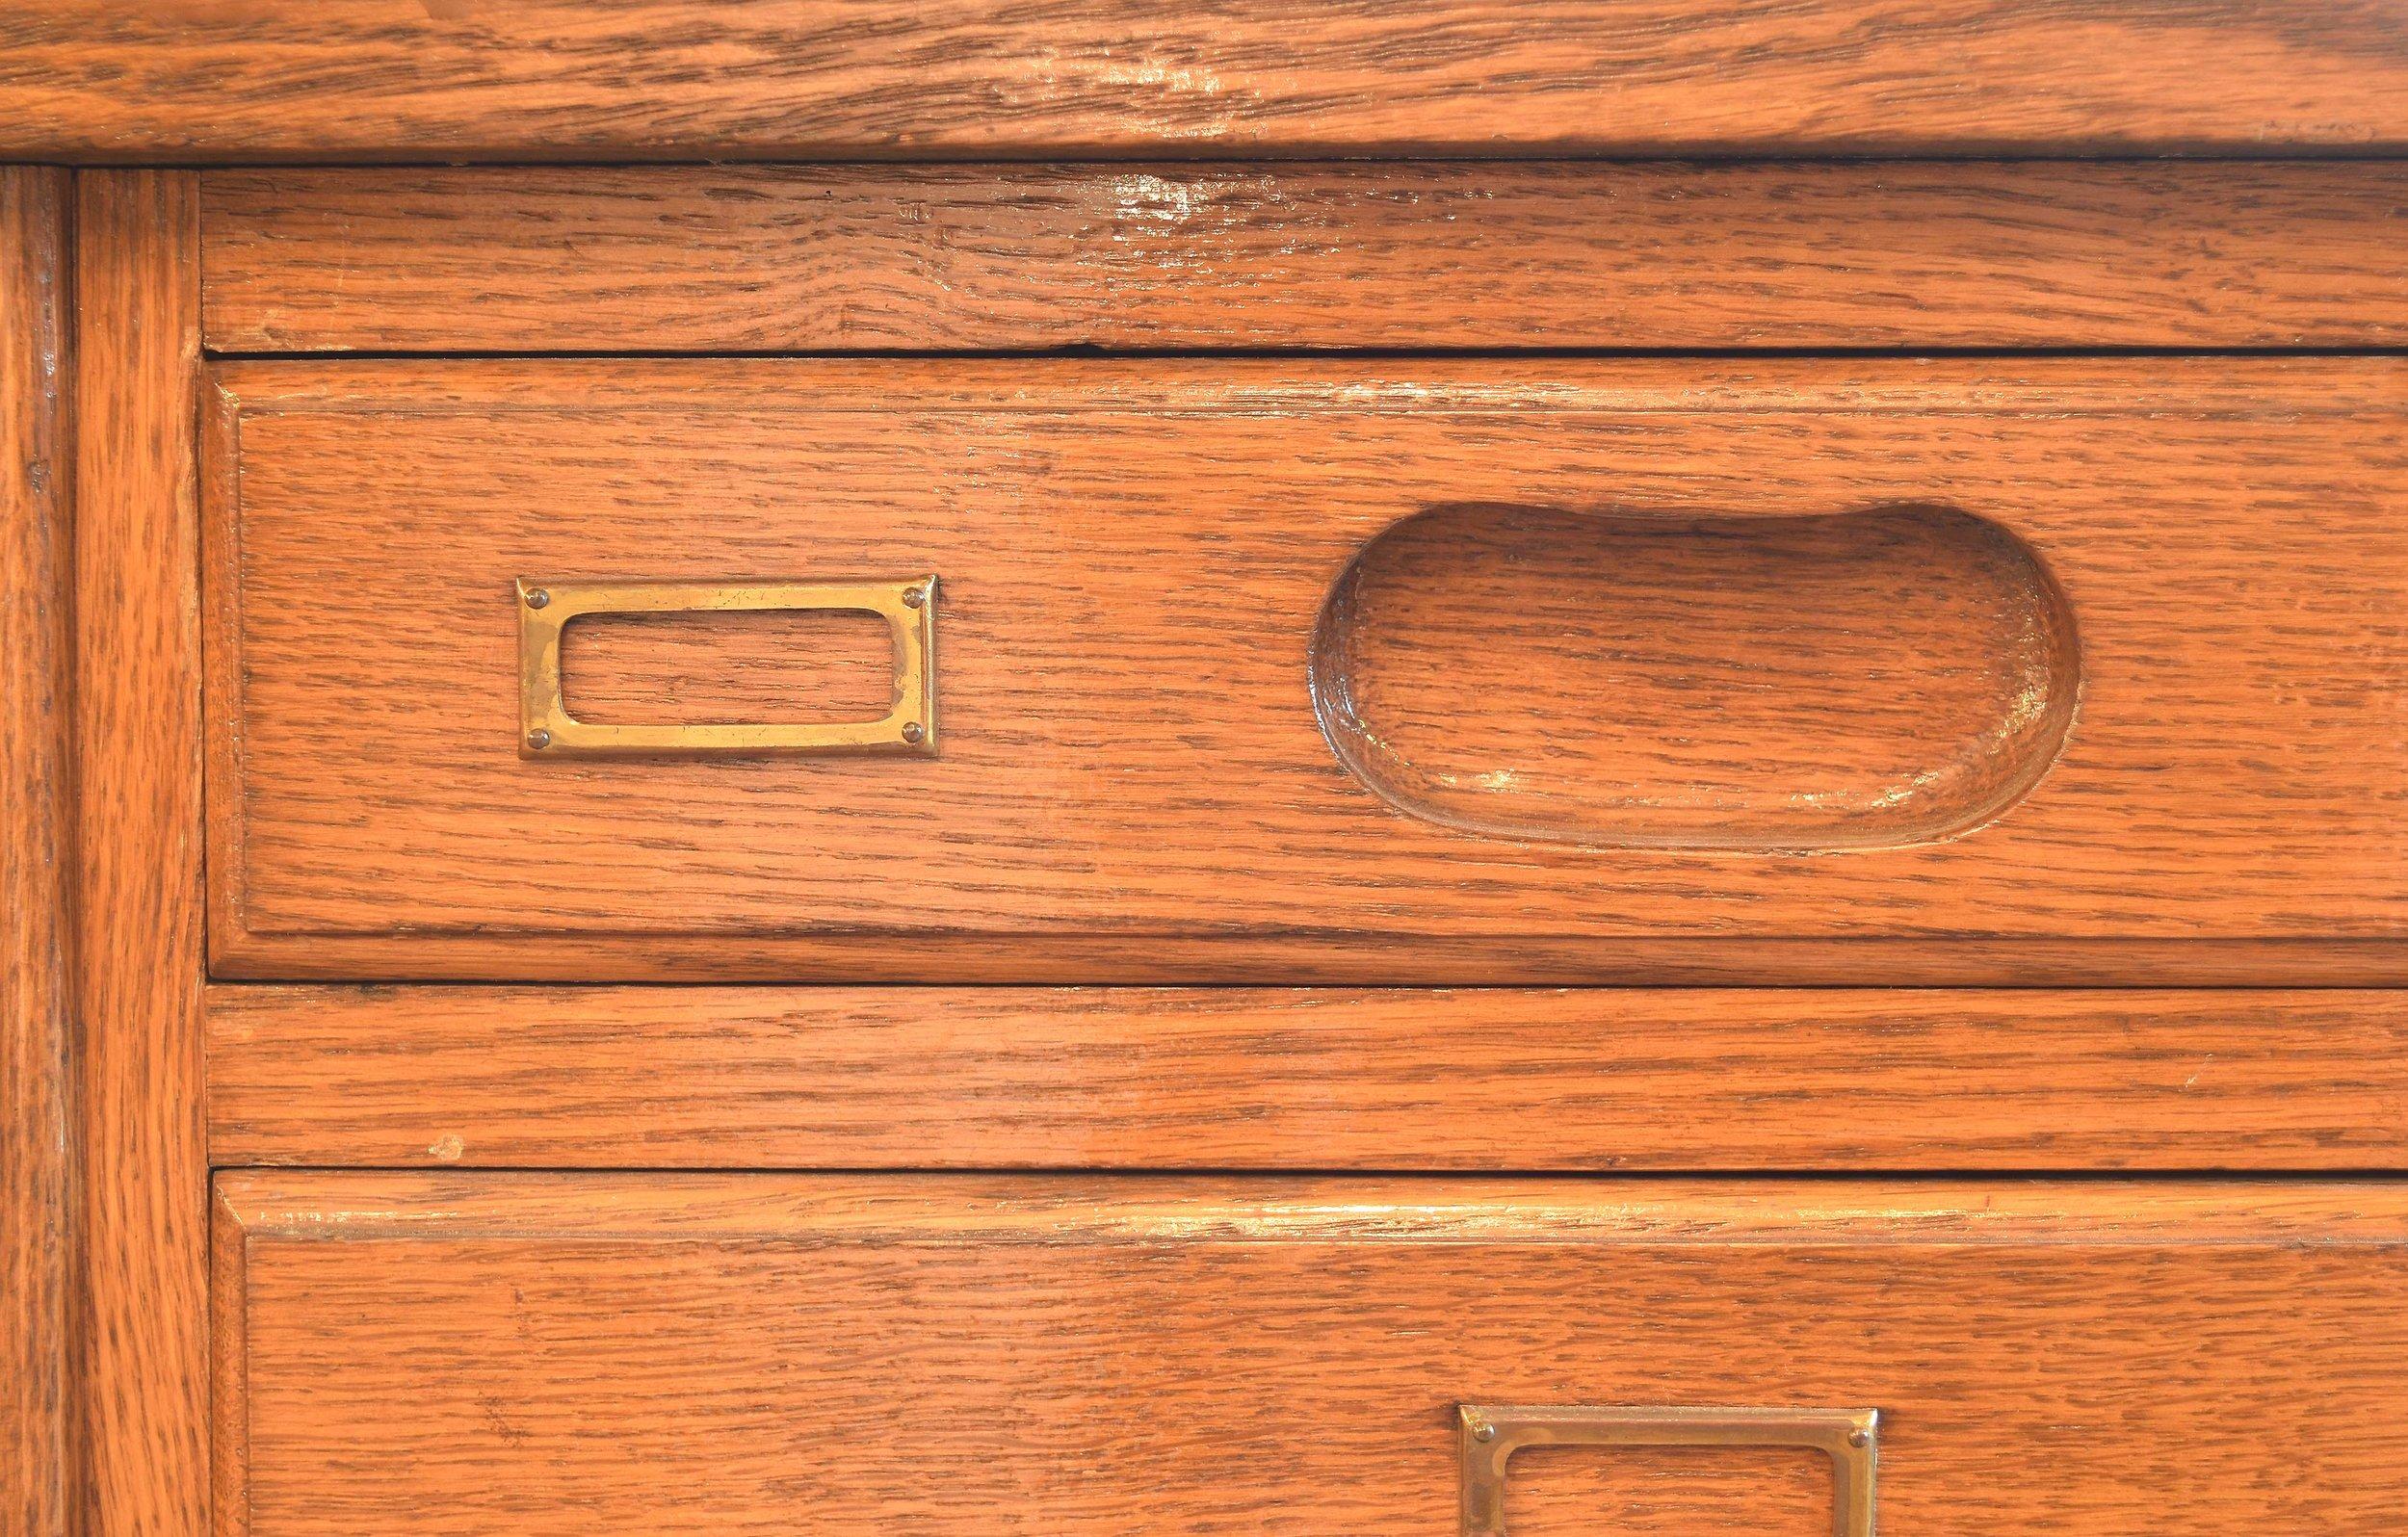 47025 oak flat file cabinet drawer.jpg